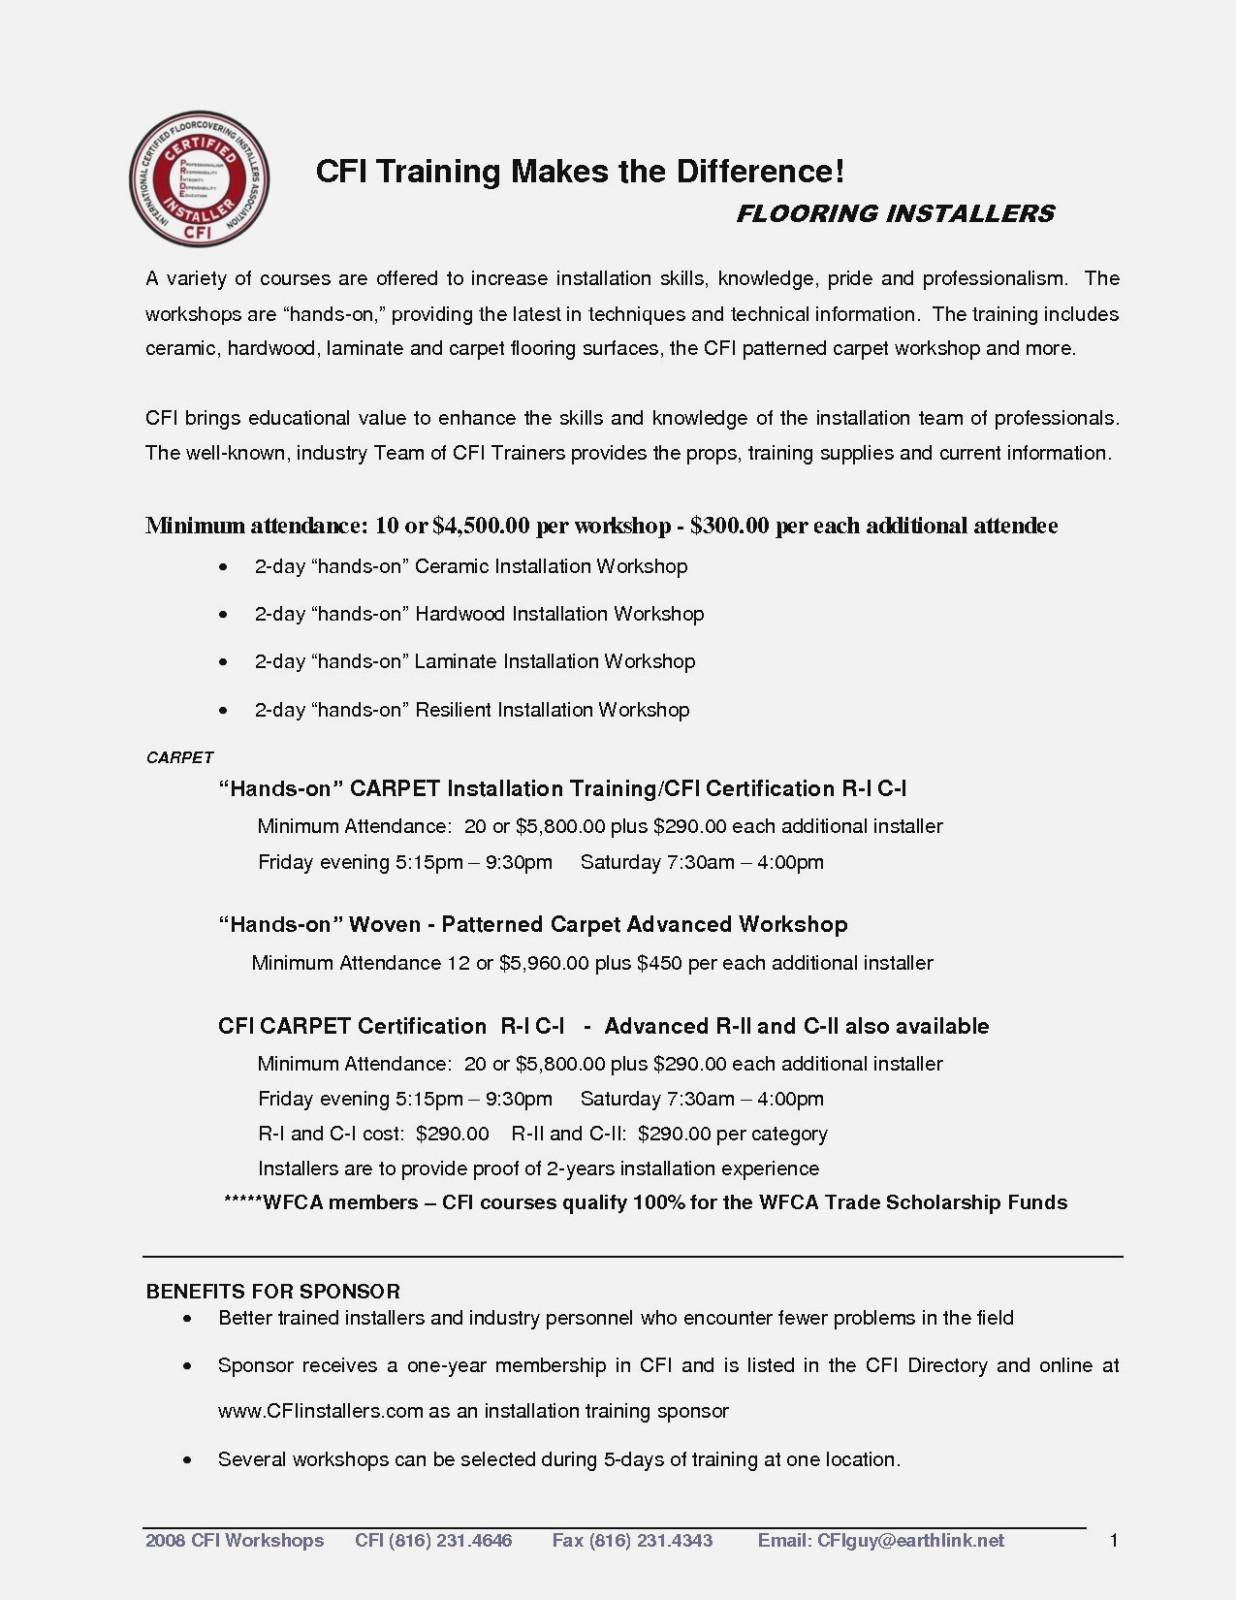 carpet installer job description for resume